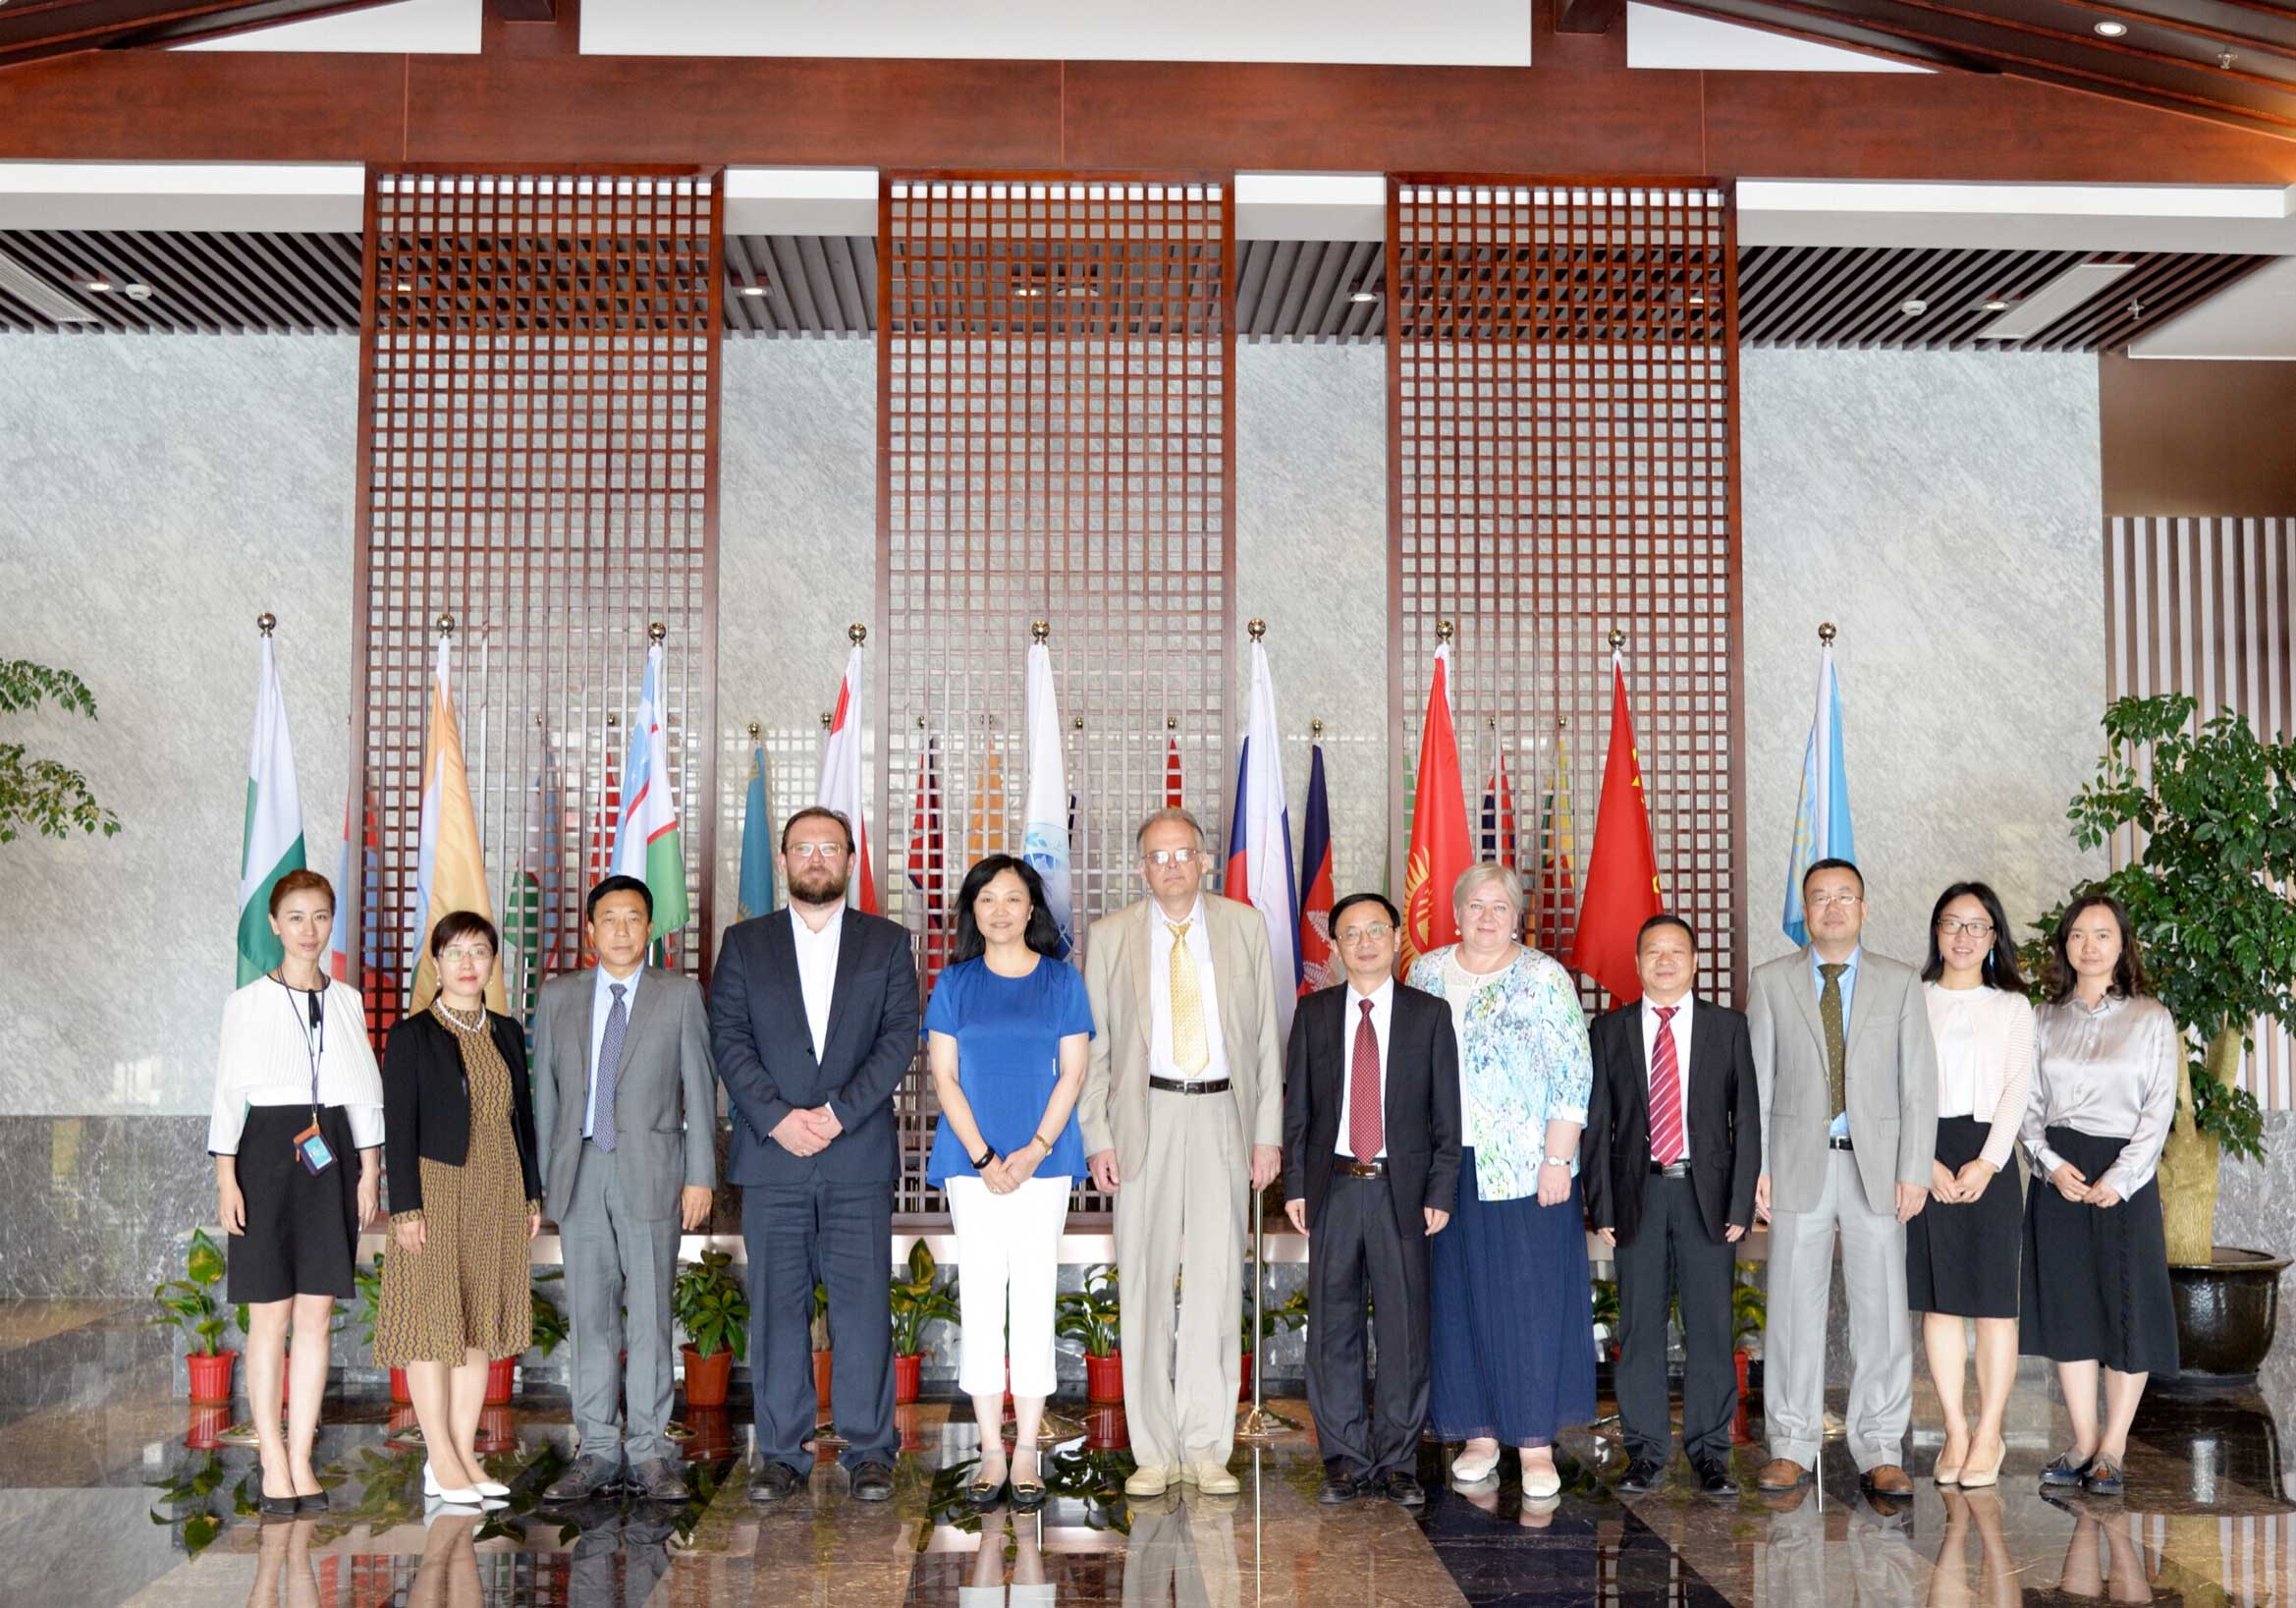 Делегация РАНХиГС посетила ряд китайских университетов – в ходе встречи был достигнут ряд договоренностей о направлениях партнерства, среди которых проблематика ШОС, совместные программы, исследования и научные связи.